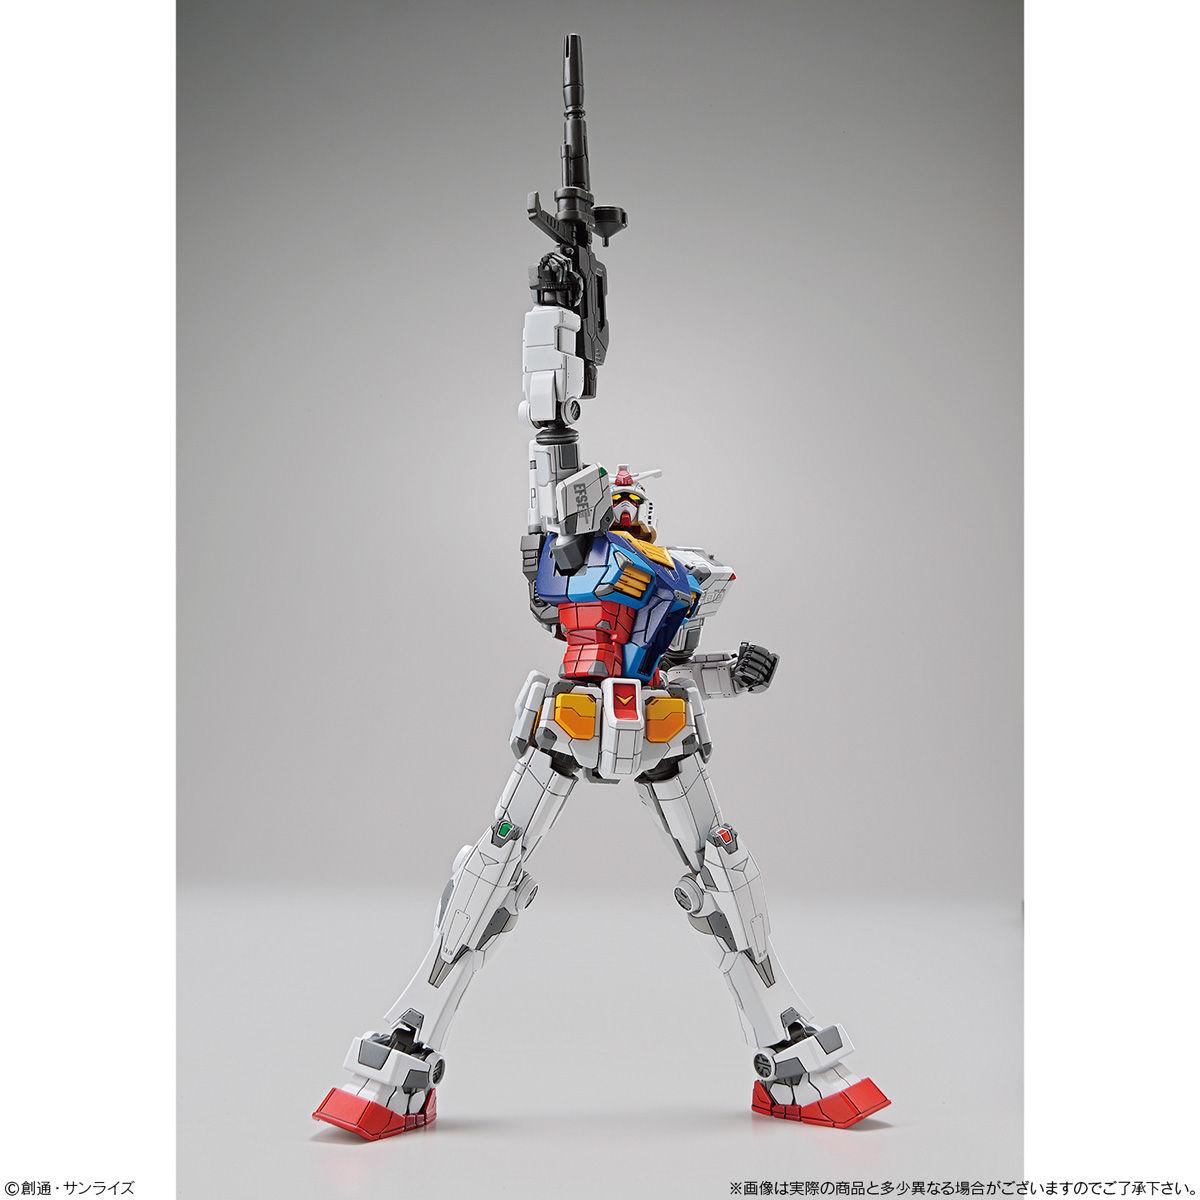 【再販】GUNDAM FACTORY YOKOHAMA『RX-78F00 ガンダム&ガンダムドック』1/144 プラモデル-008